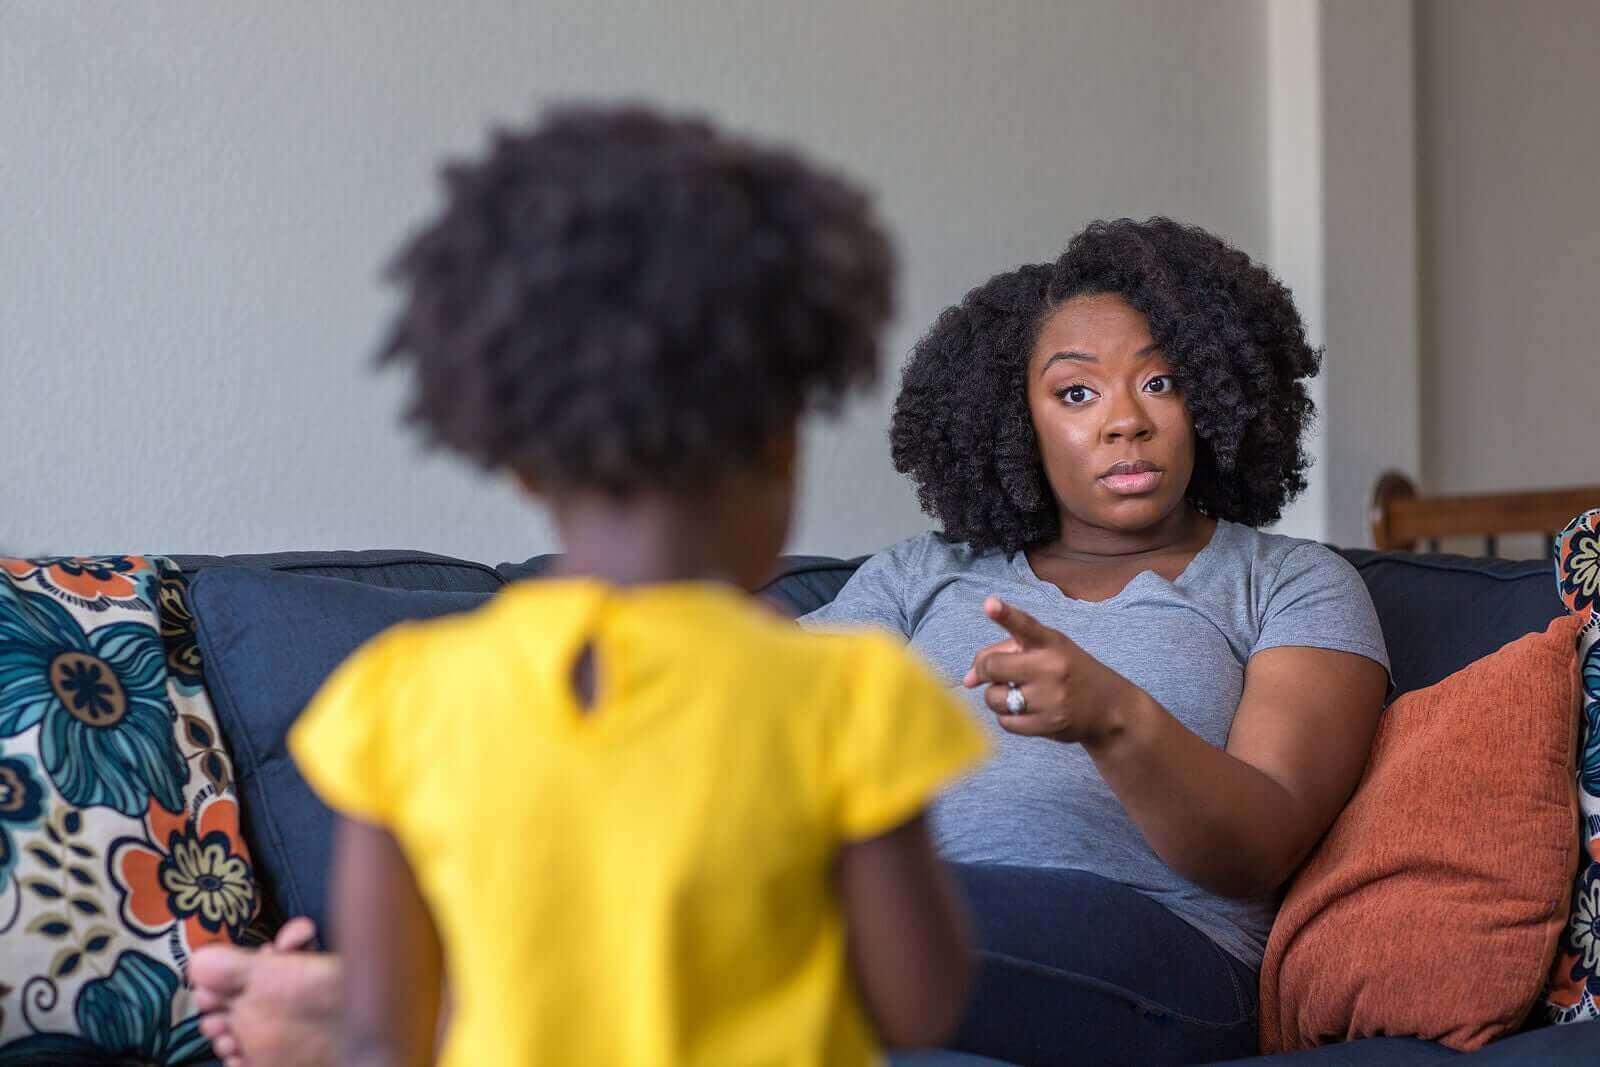 En mor som irettesetter barnet sitt